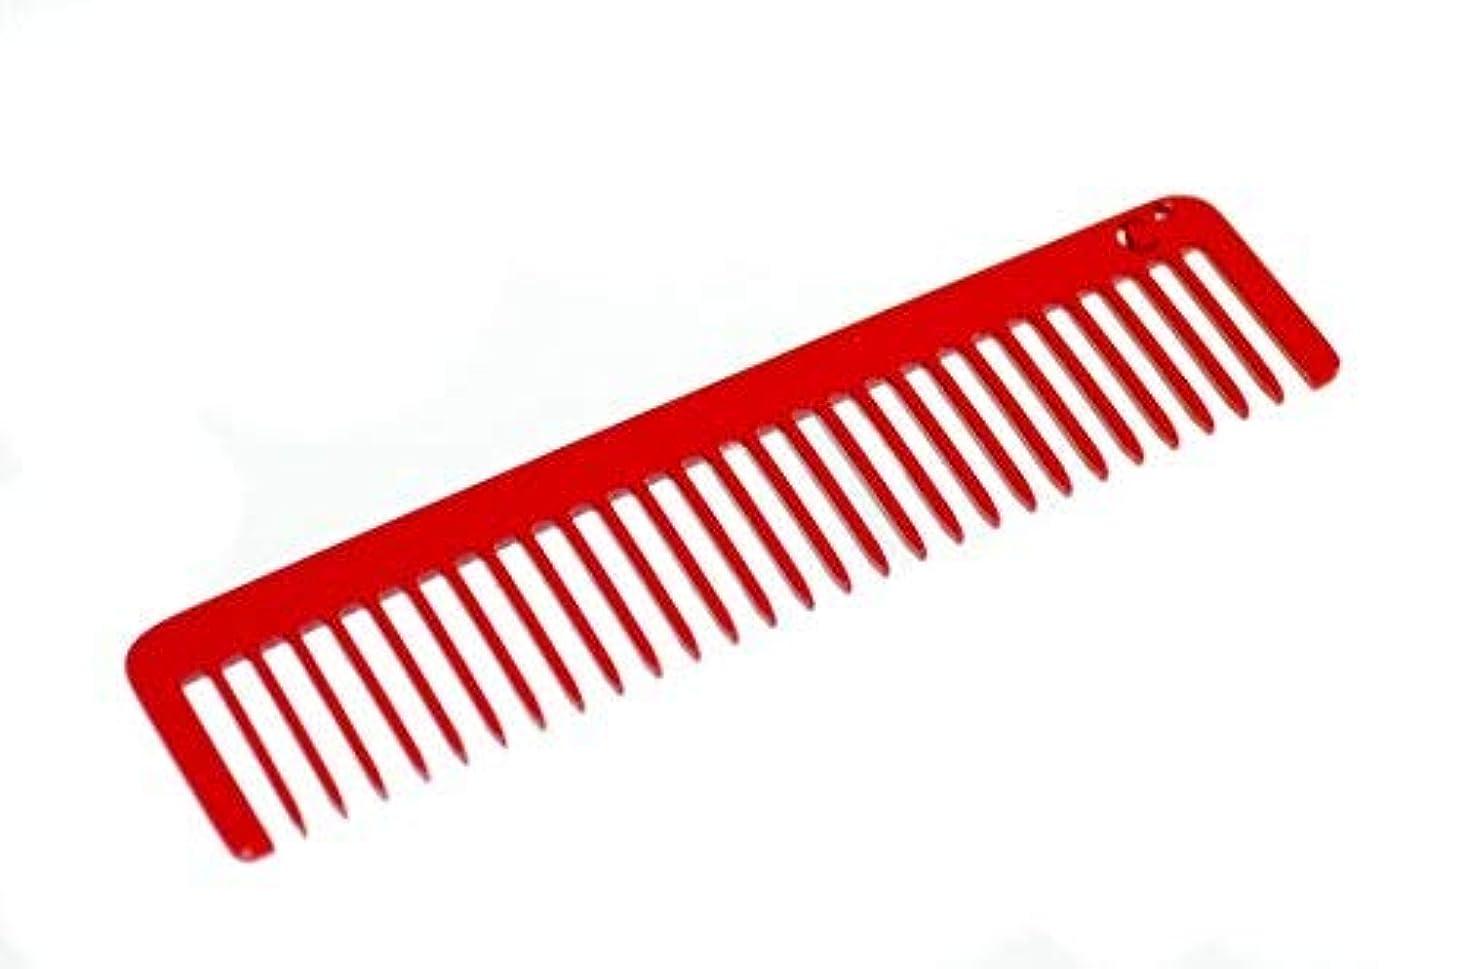 理由戦術足Chicago Comb Long Model No. 5 Cardinal Red, 5.5 inches (14 cm) long, Made in USA, wide-tooth comb, ultra smooth...